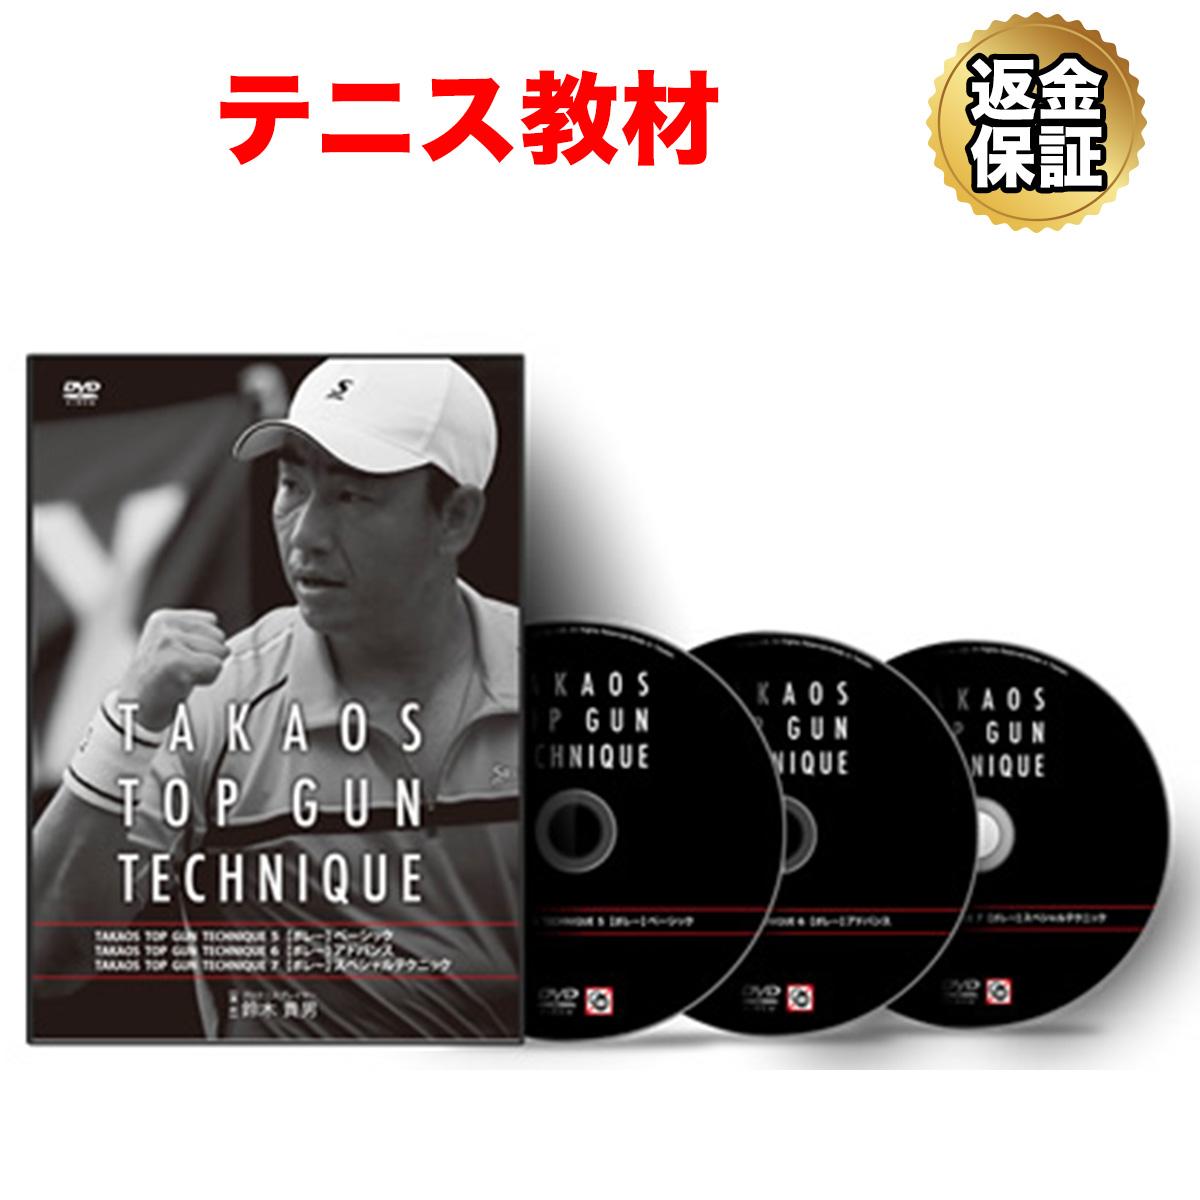 【テニス】鈴木貴男の TOP GUN TECHNIQUE 05~07【ボレー】